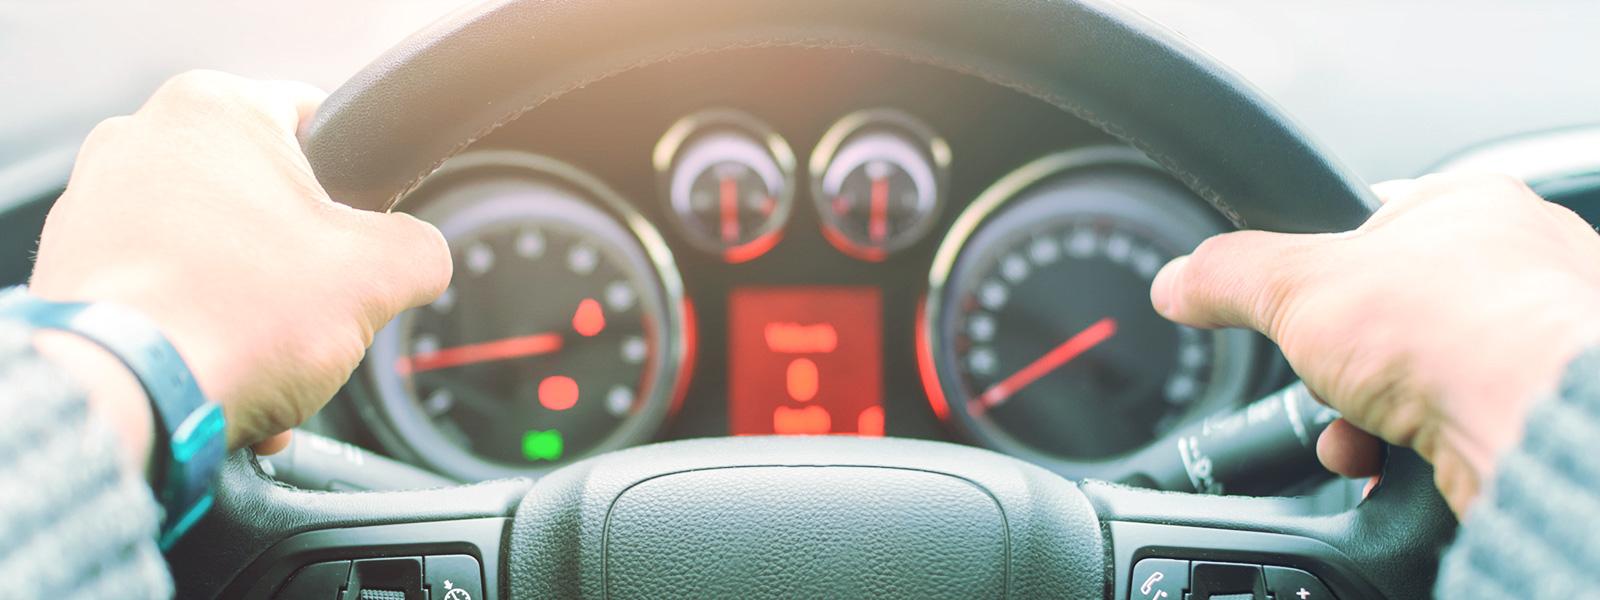 blog-ceabs-eua-registra-primeiro-acidente-fatal-com-carro-semi-autonomo